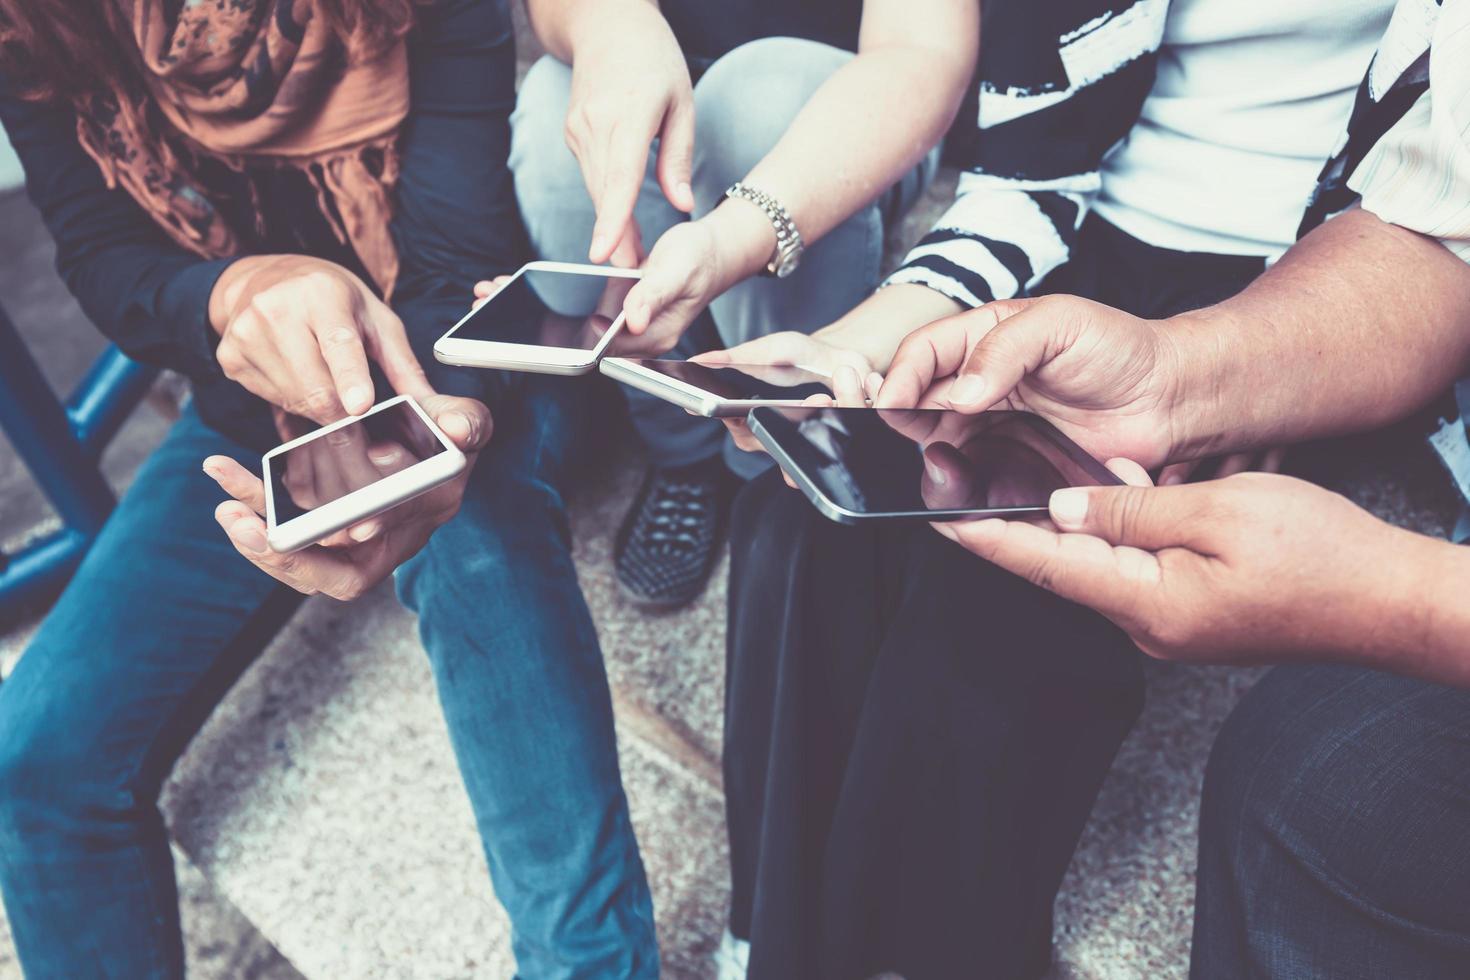 groupe de personnes utilisant des téléphones intelligents photo